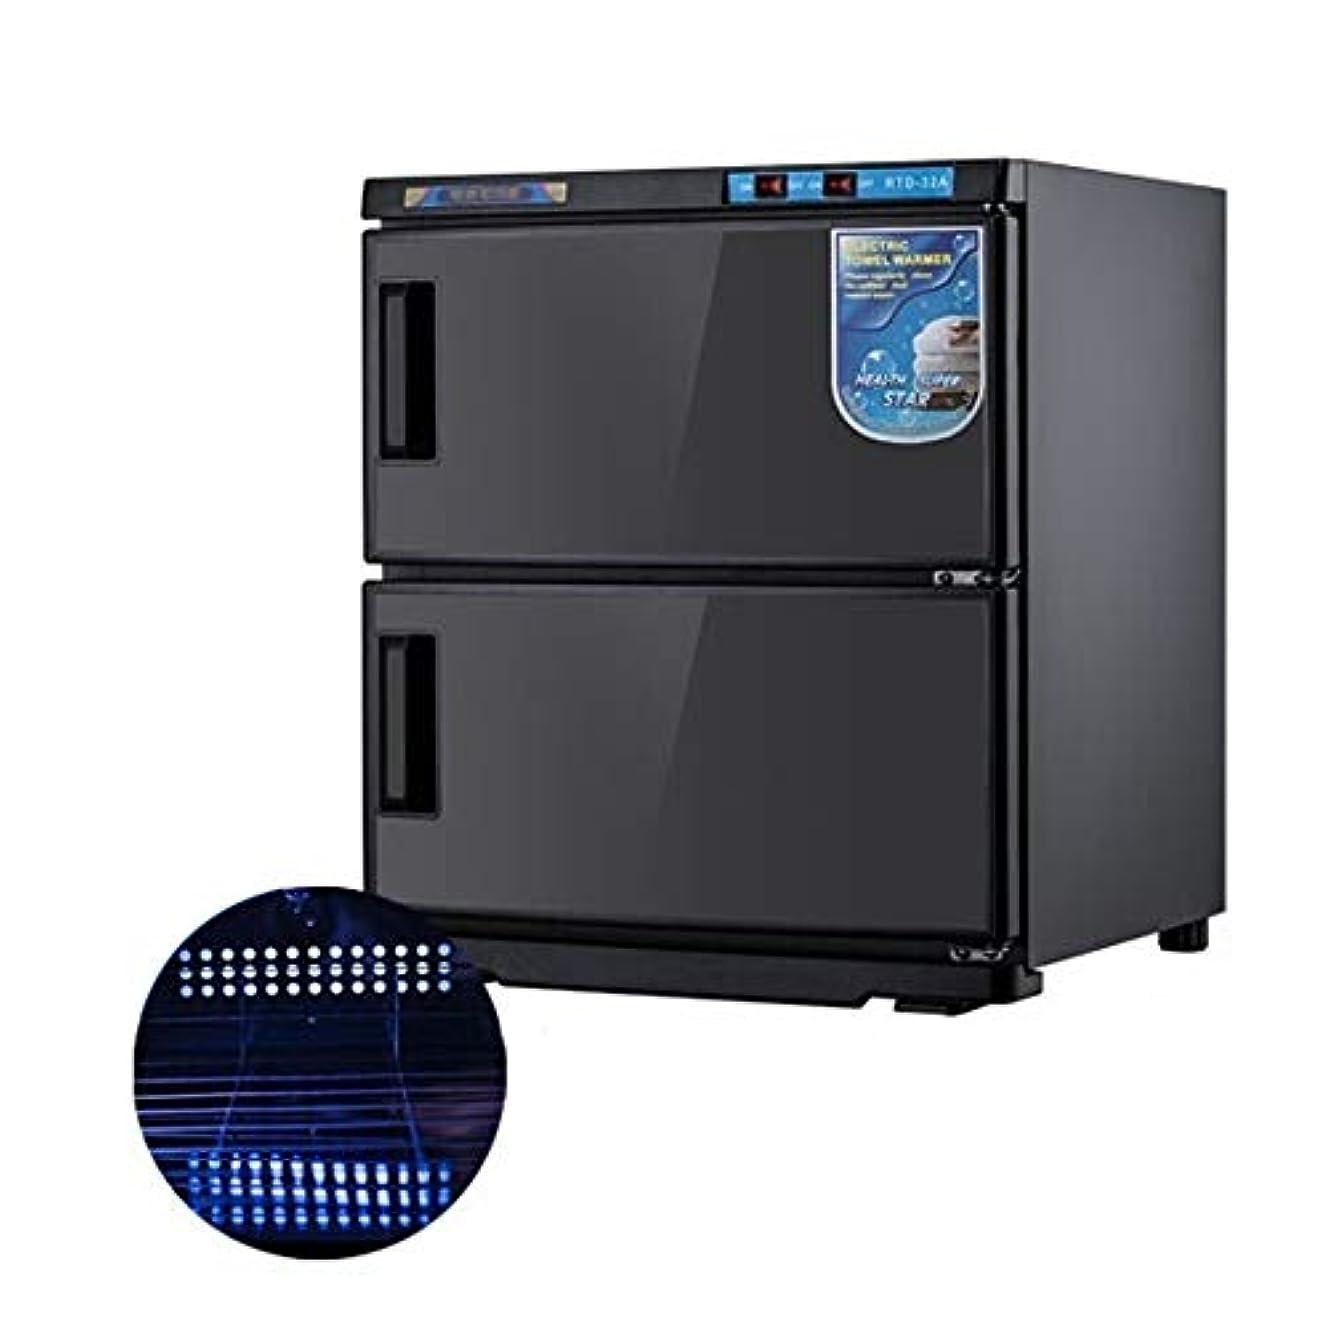 ゴージャスカプセルカフェ2 in 1高容量ダブルデッカーホットタオルキャビネット、紫外線殺菌サロンスパ美容機器、家庭用コマーシャル用(ブラック)